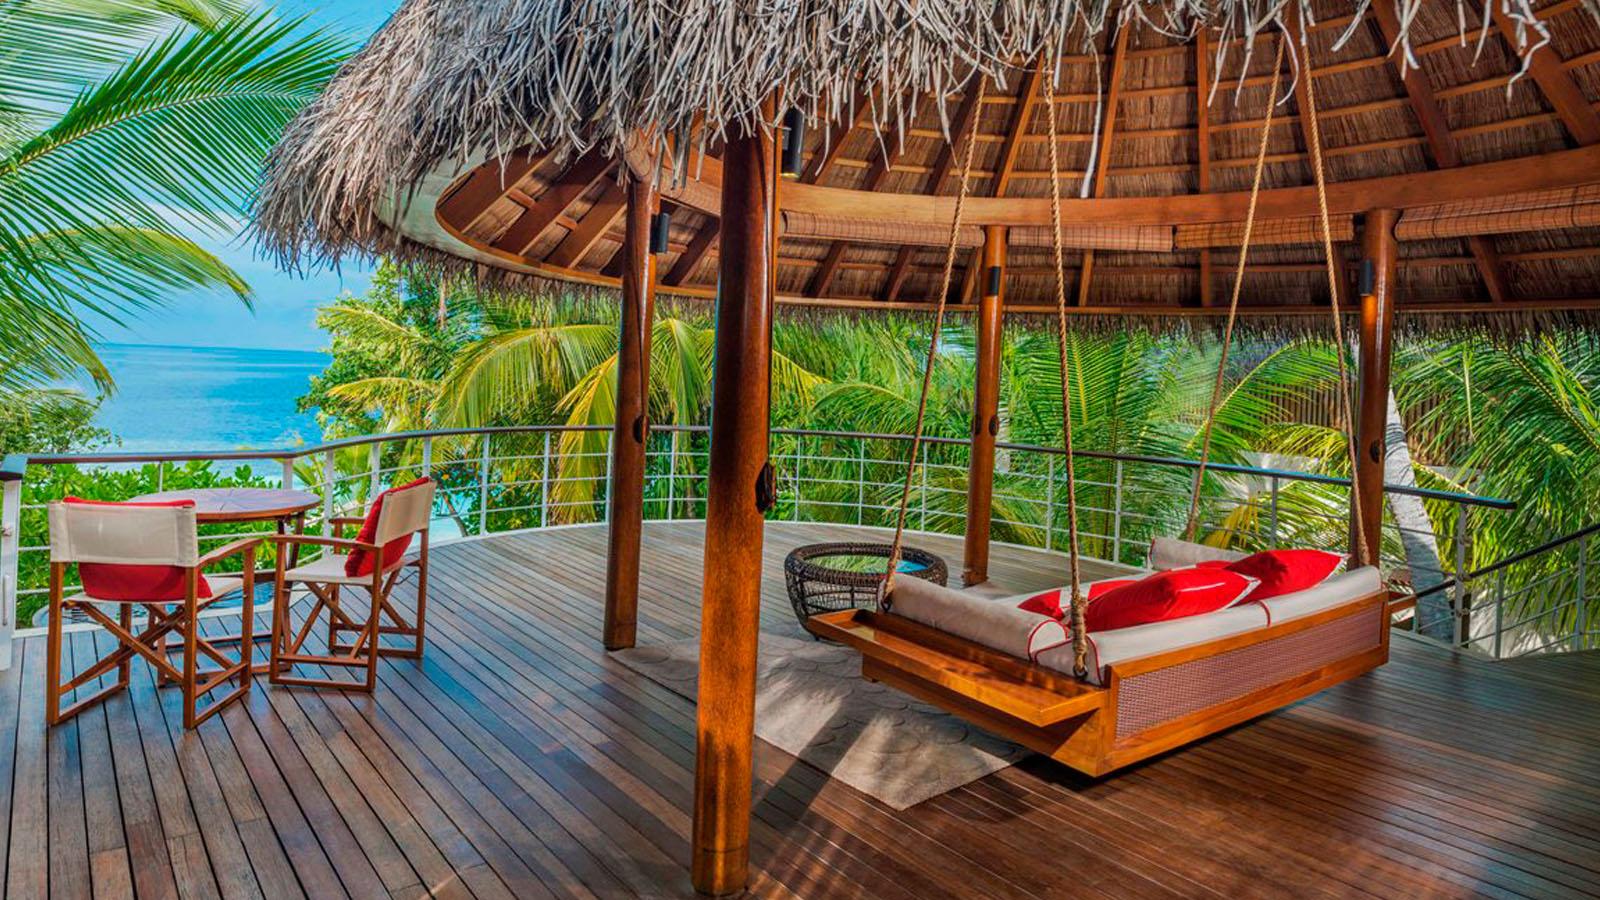 W Retreat and Spa Maldives (4)